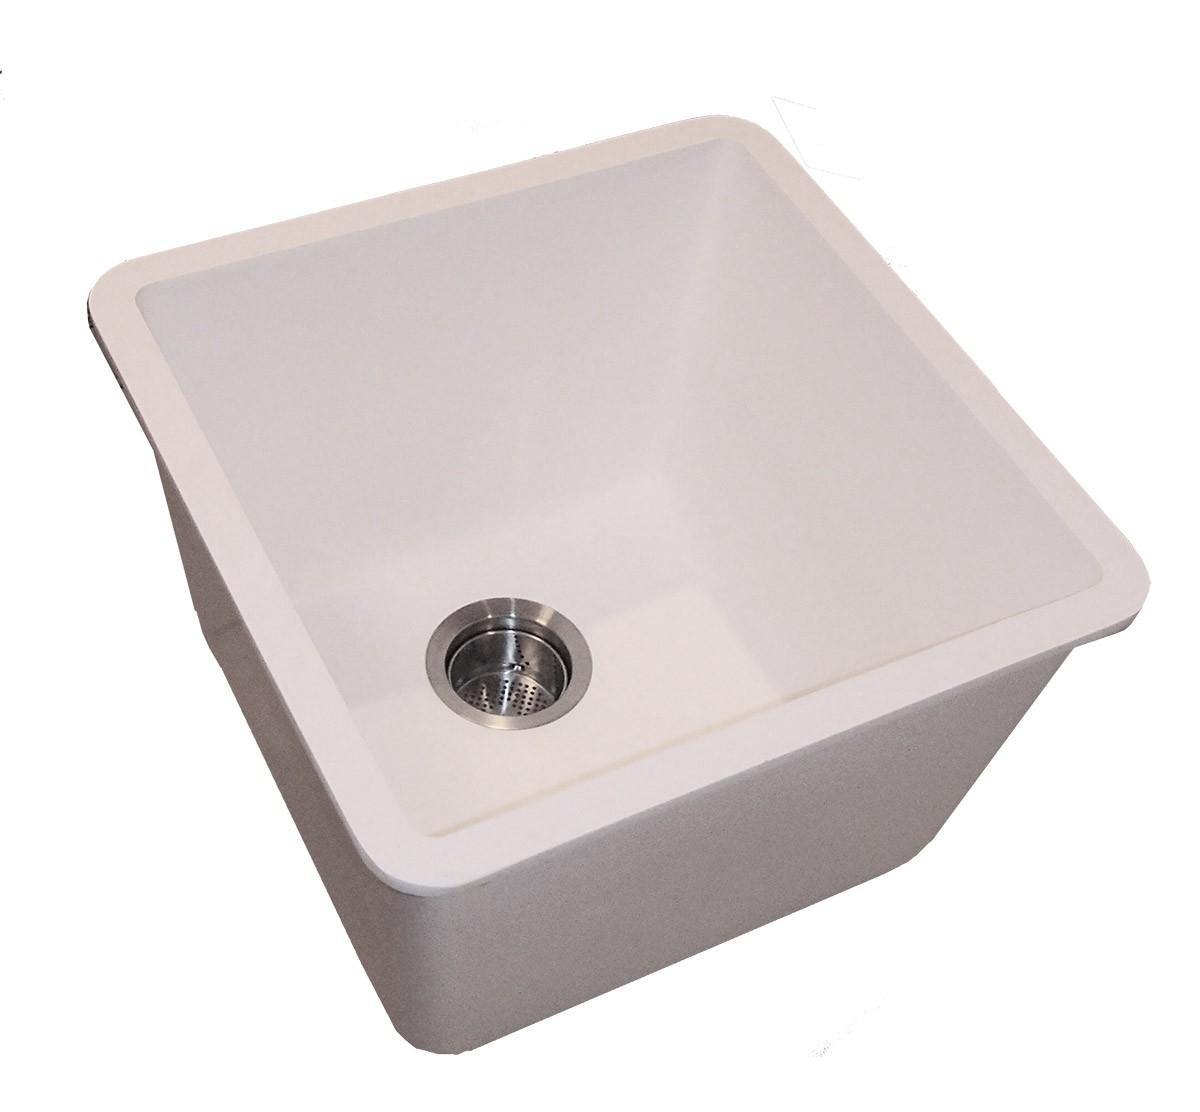 deep utility kitchen sink (winter white), gemstone part